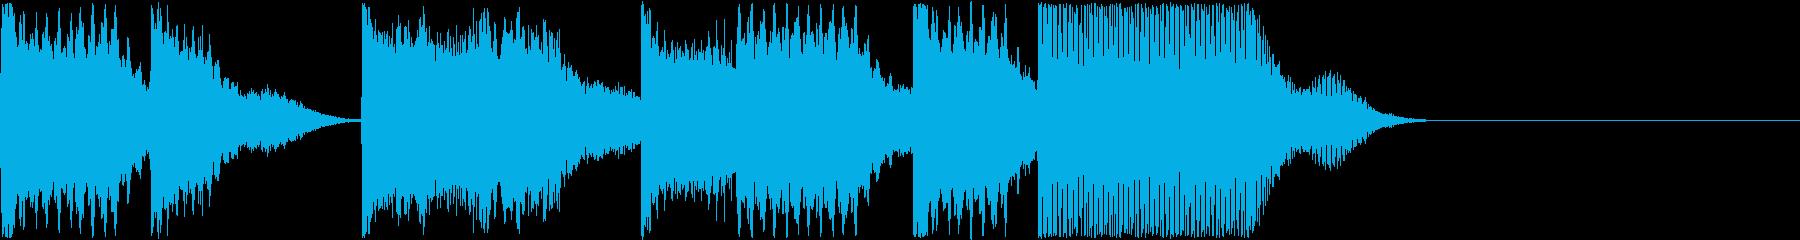 AI メカ/ロボ/マシン動作音 18の再生済みの波形